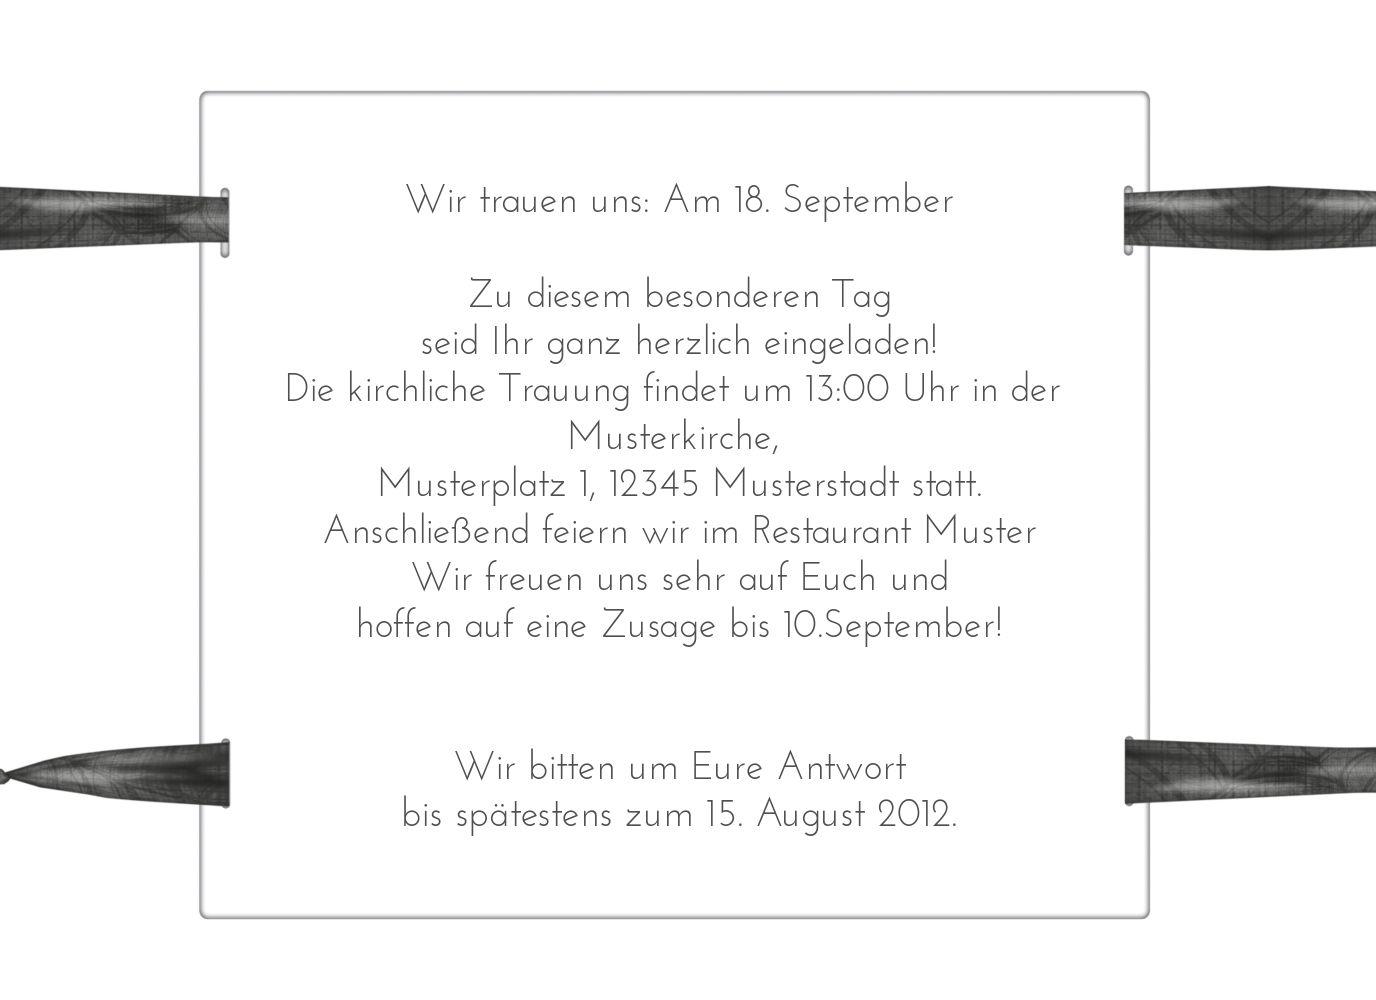 Ansicht 5 - Hochzeit Einladung loop label